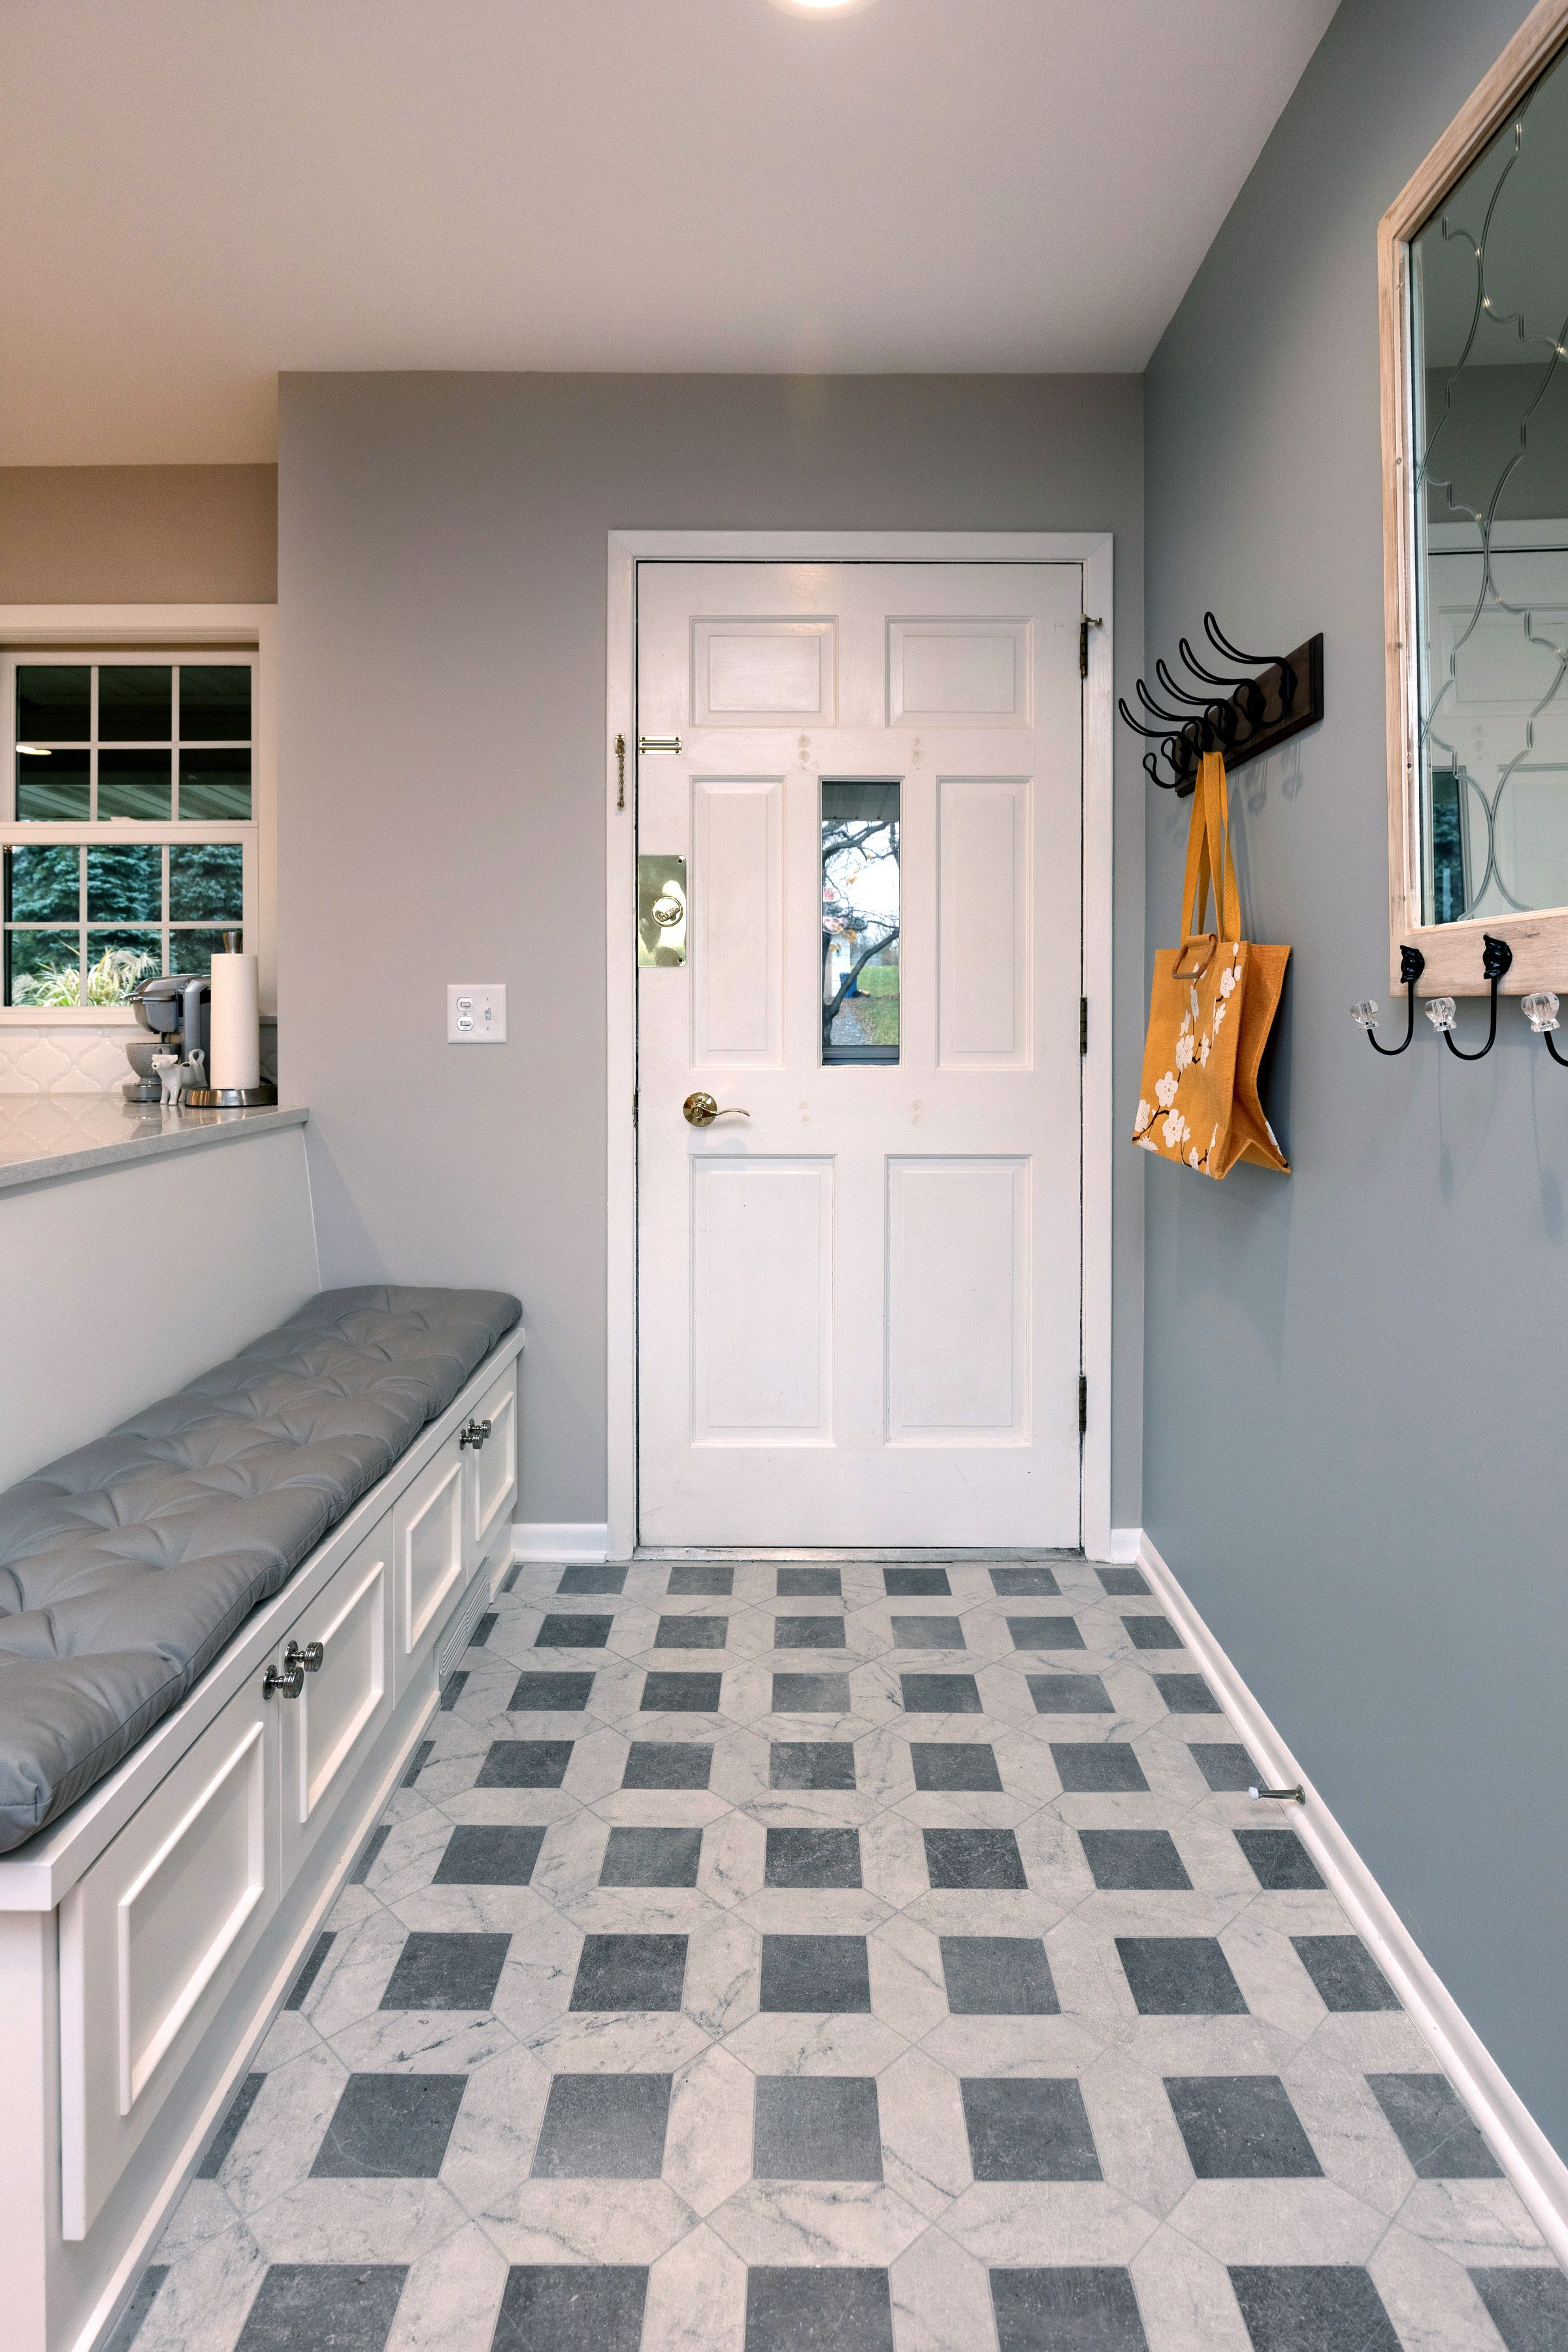 Foyer Tile Floor And Custom Bench